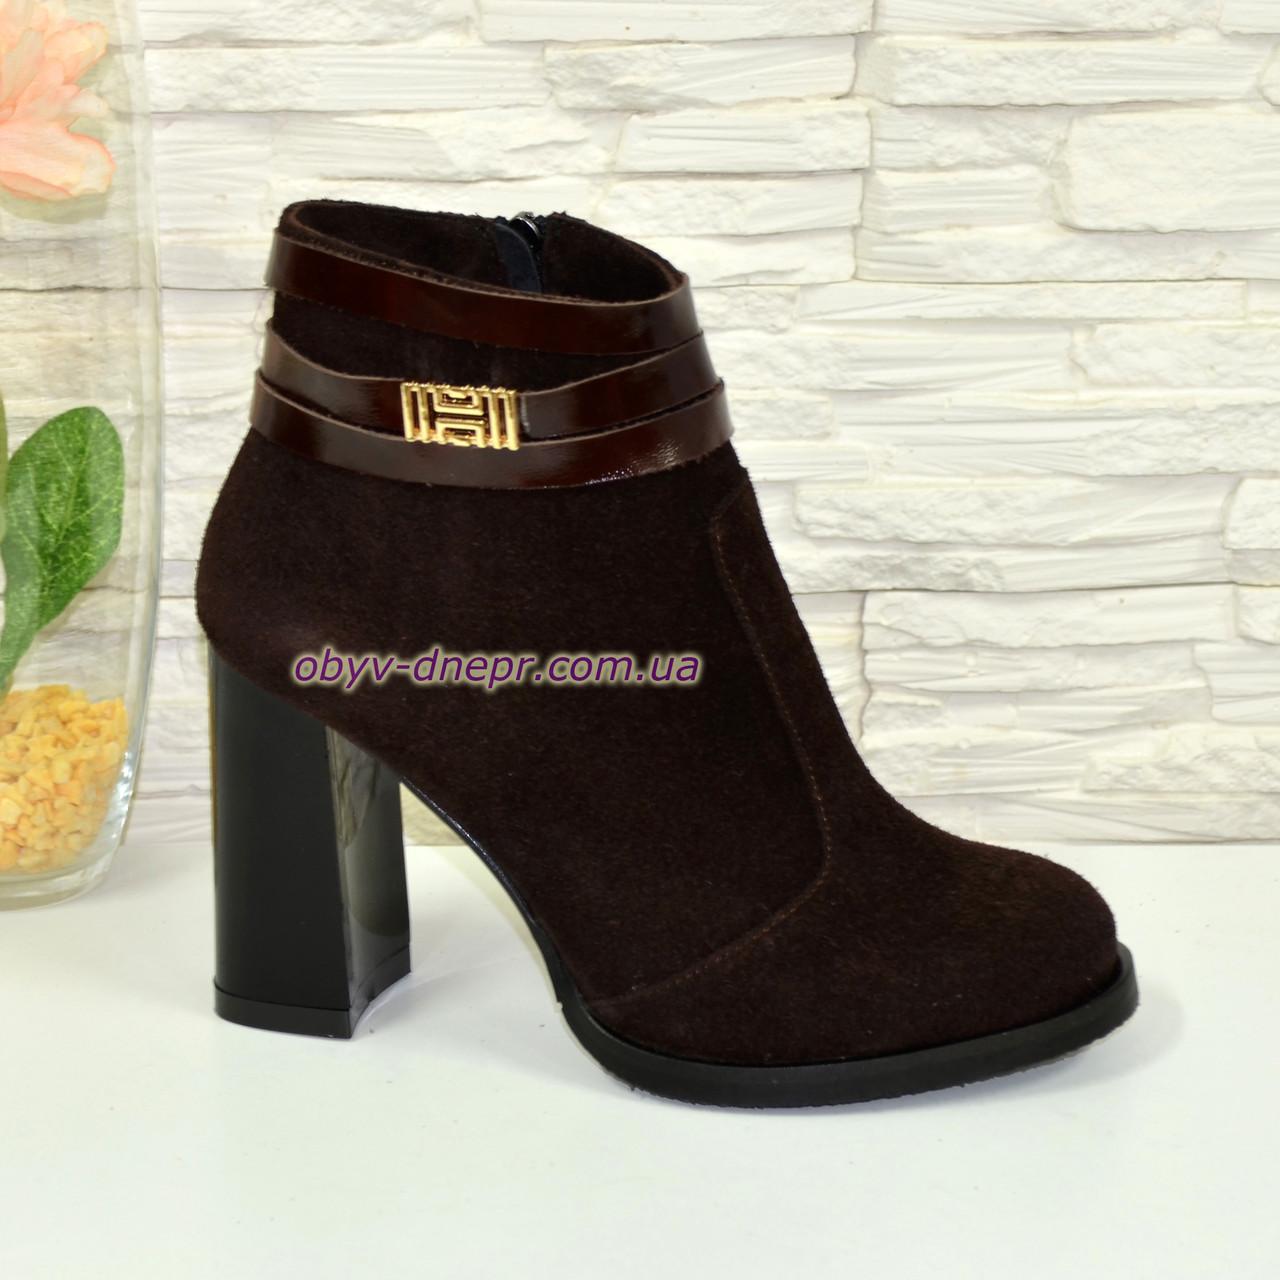 Ботинки женские замшевые на устойчивом каблуке, цвет коричневый